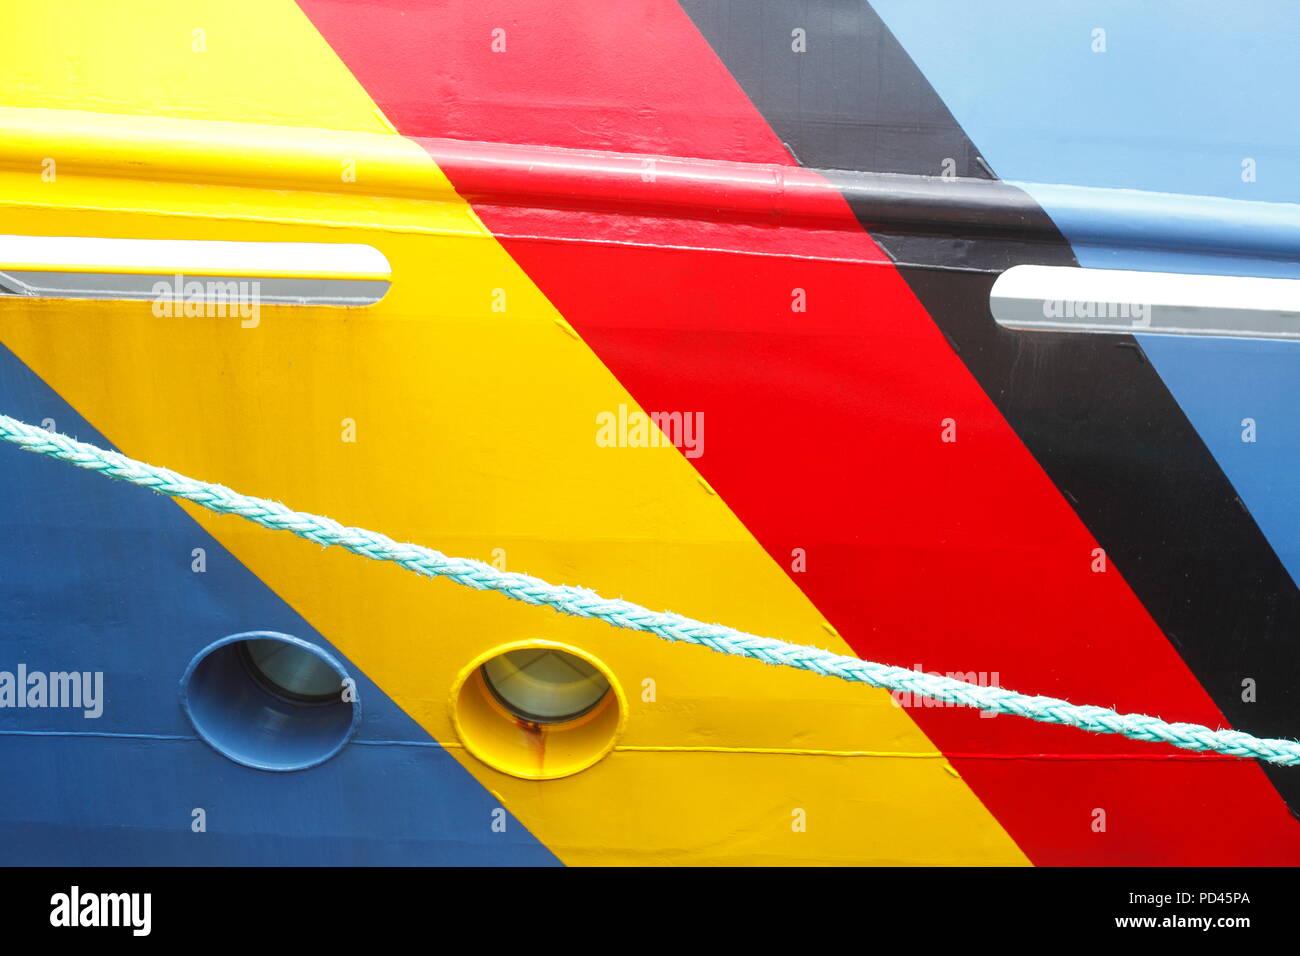 German national flag painted on a ship's wall, Bremerhaven, Bremen, Germany, Europe  I Deutsche Nationalflagge auf eine Schiffswand gemalt, Bremerhave Stock Photo